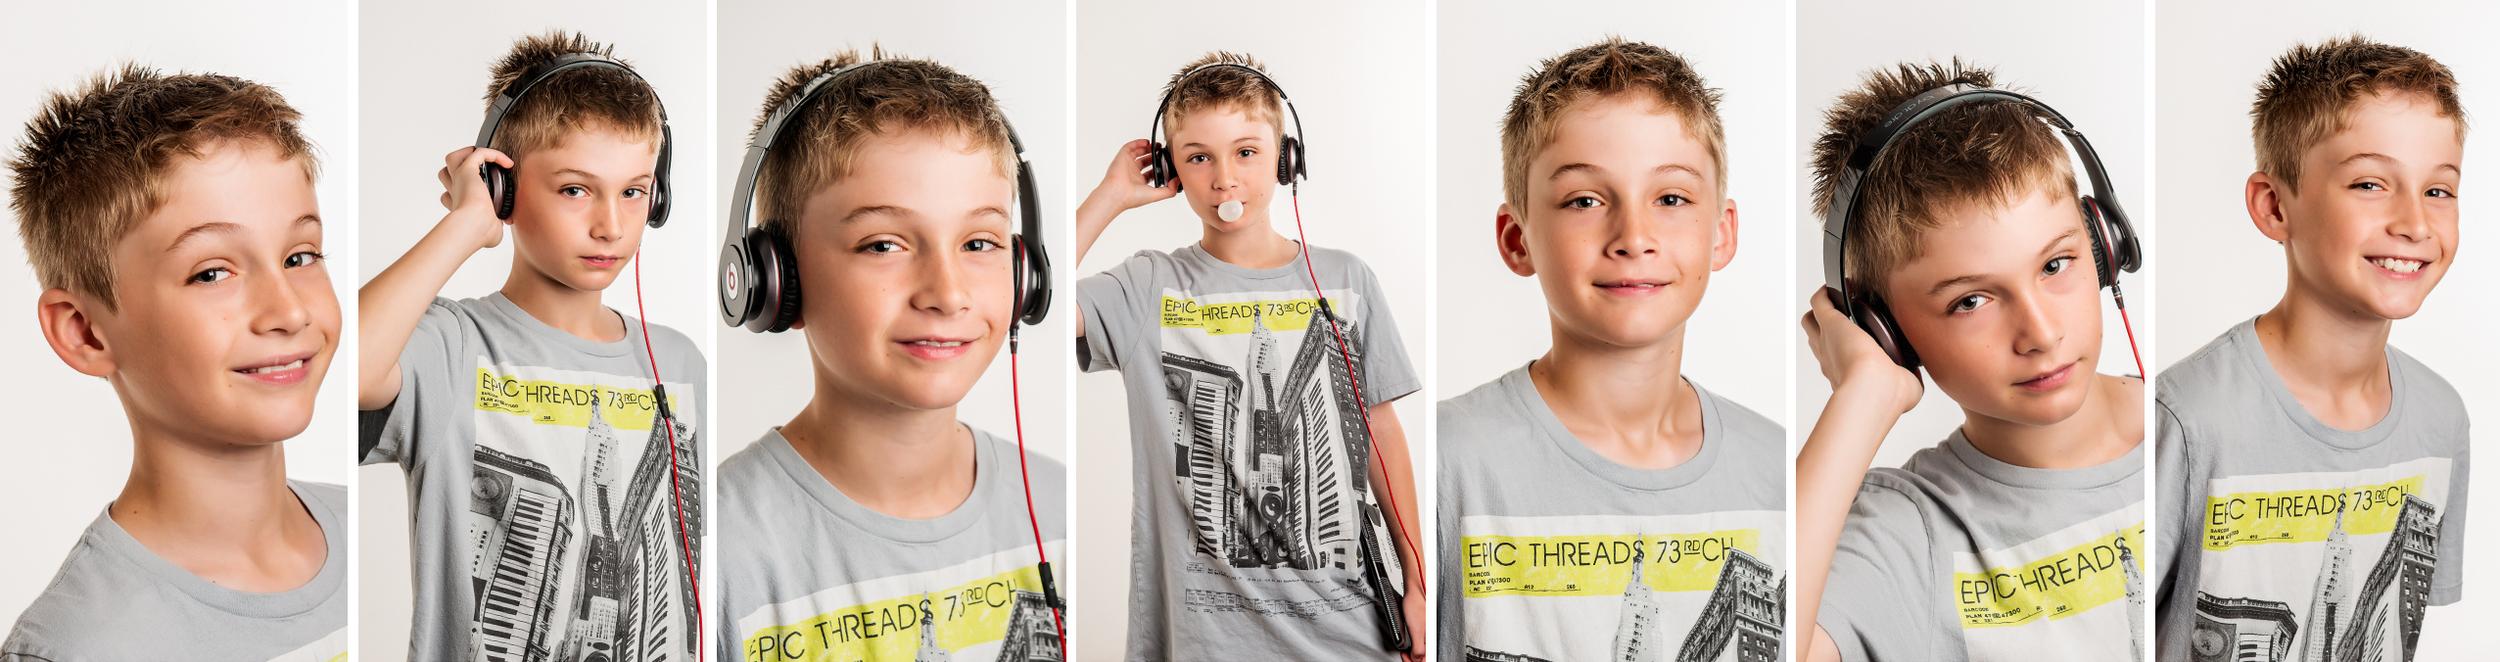 boy_10years_almost11_studio_beats_headphones_apple_ipad_son_kid_tracyallynphotography_summer_2014